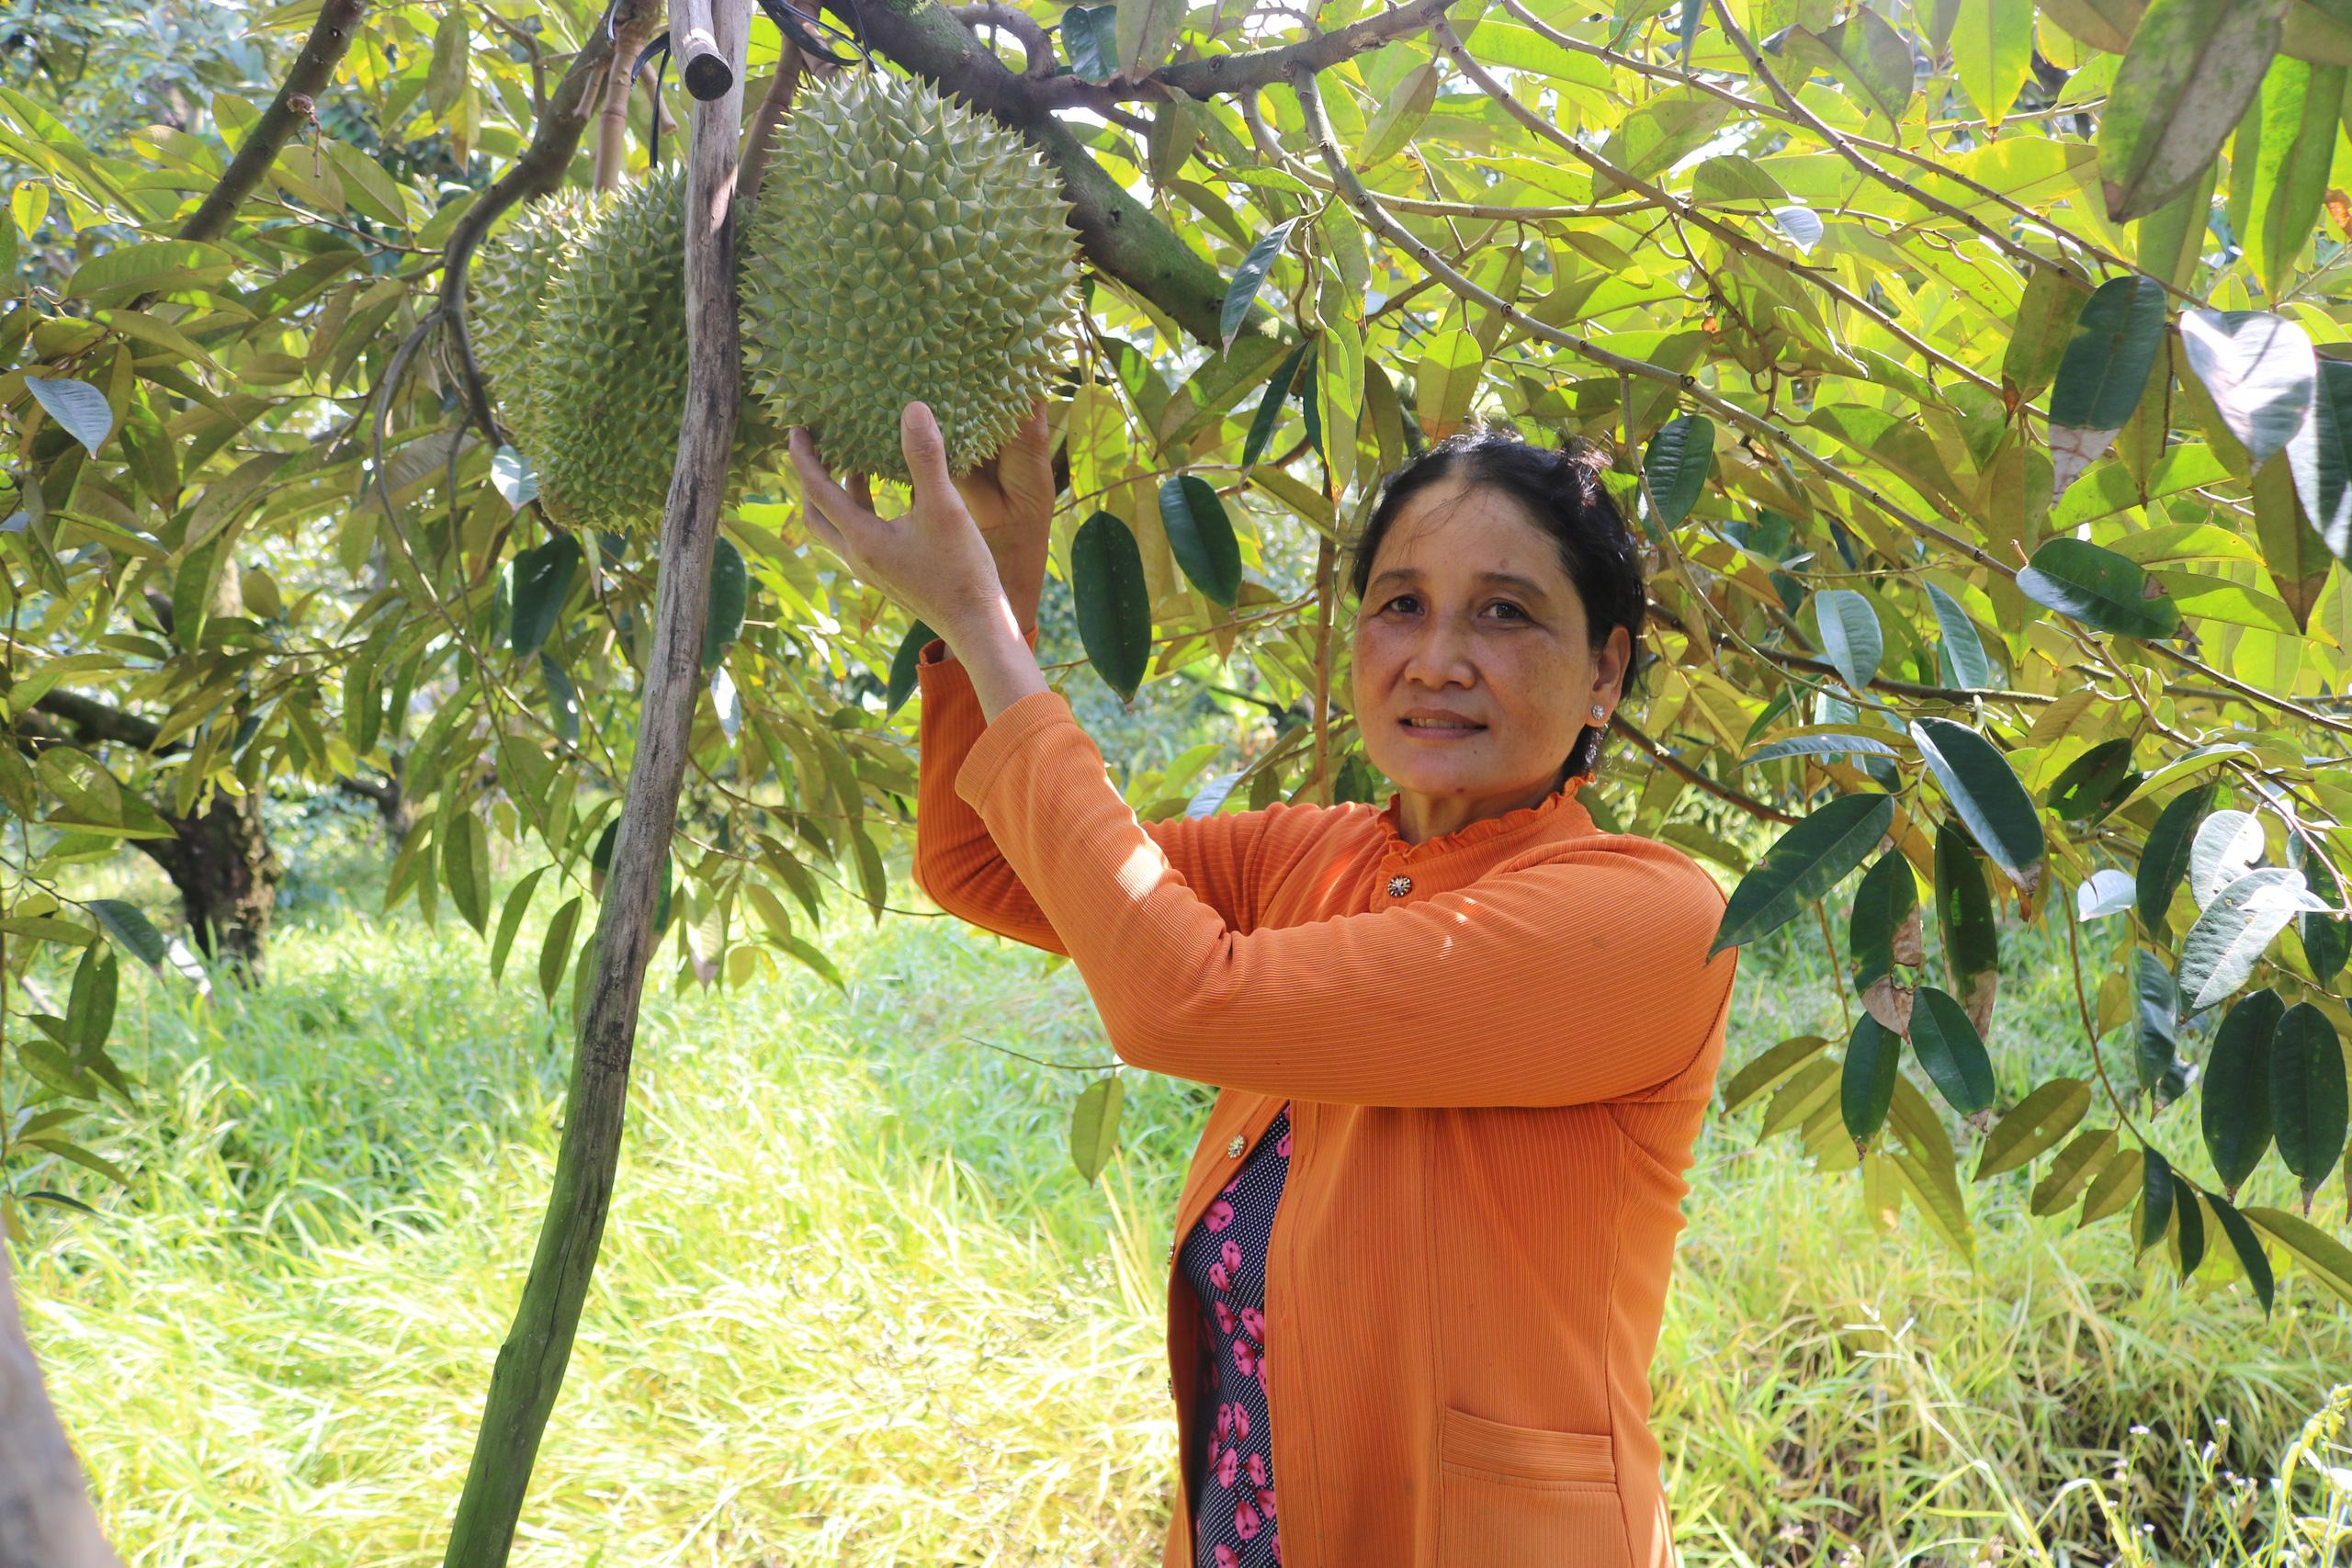 Tiền Giang: Tại sao nhiều loại trái cây rớt giá thảm, giá loại trái cây này vẫn ở mức cao, thương lái lùng mua? - Ảnh 1.